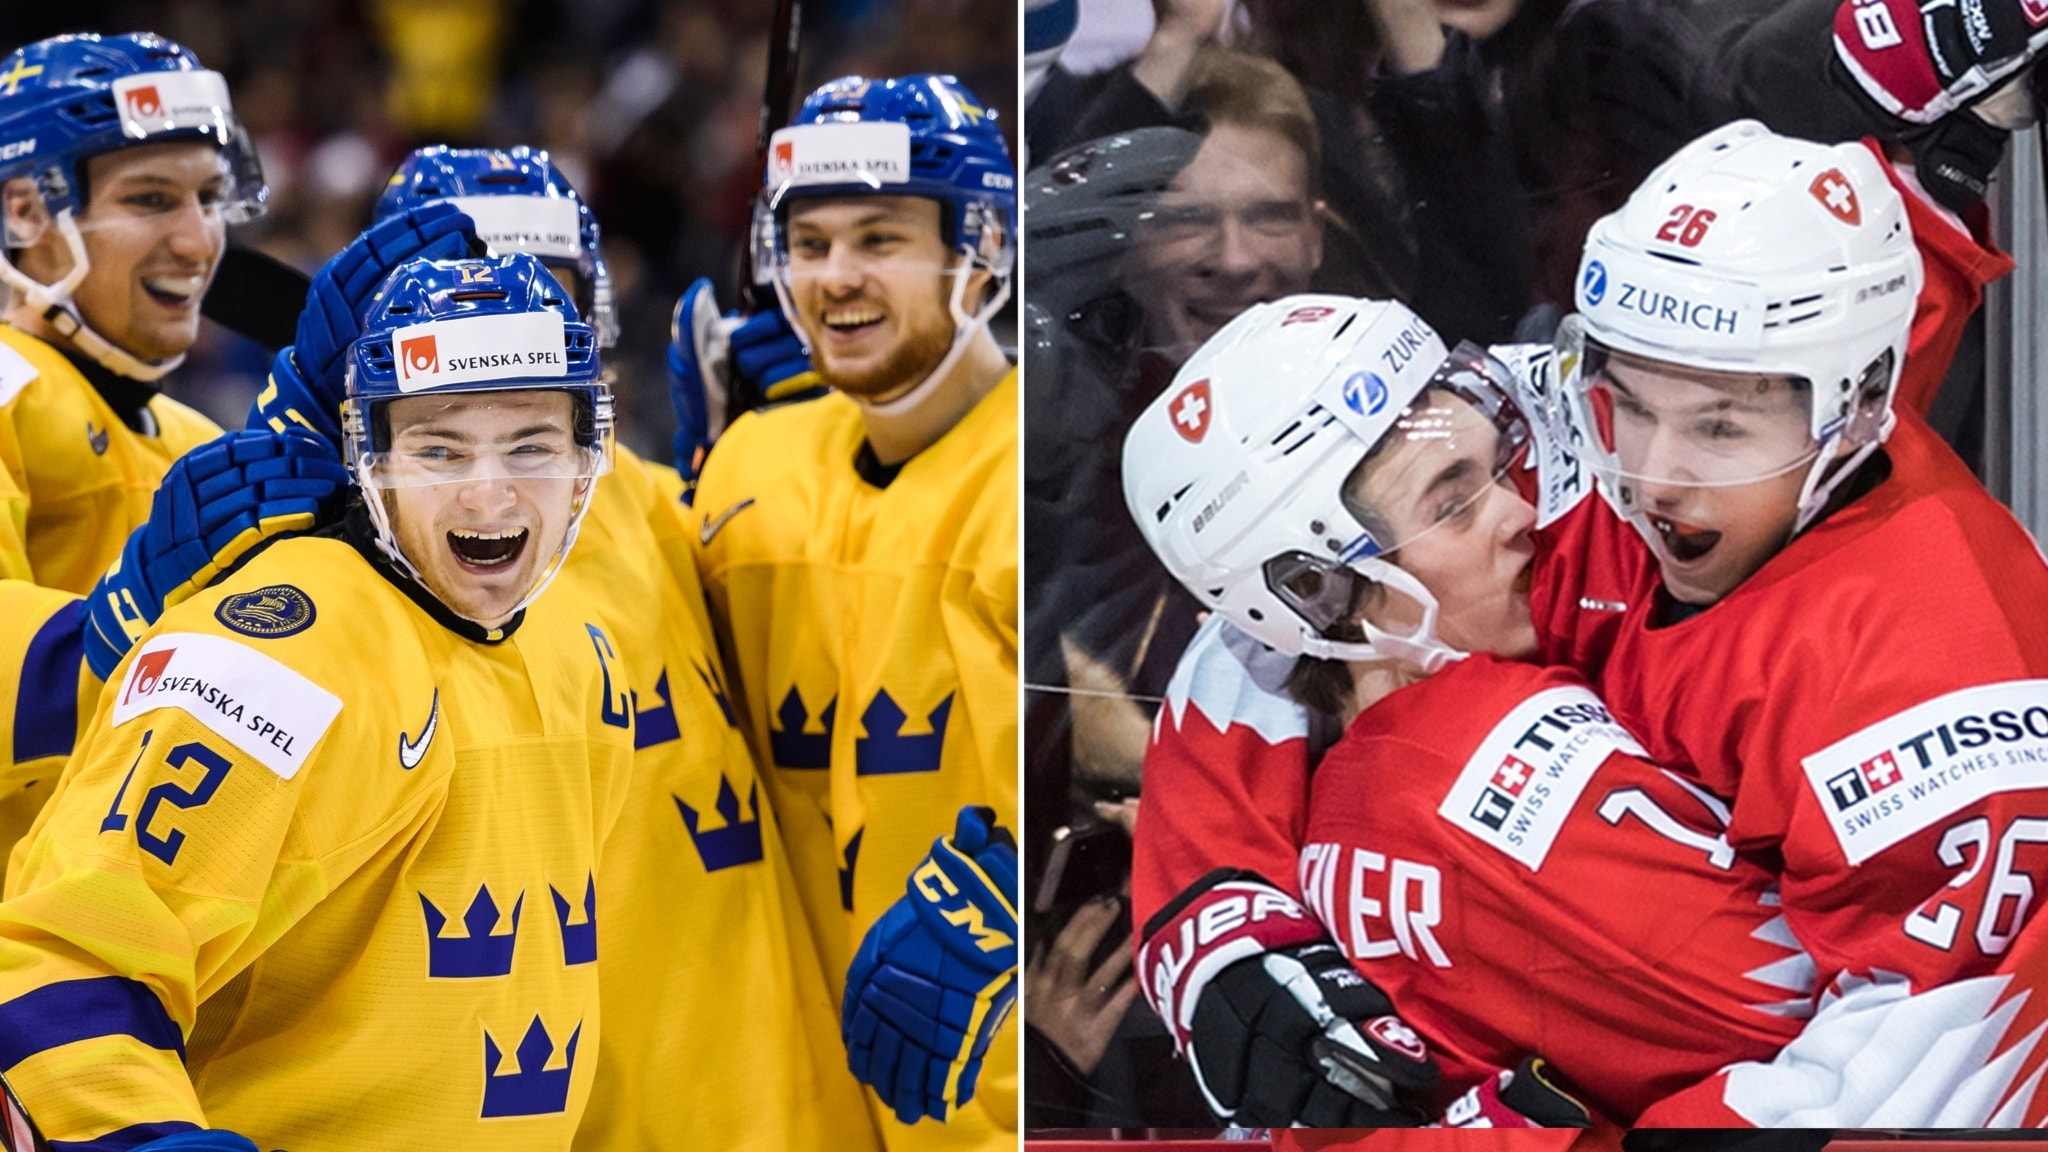 Radiosporten sander hockeyn